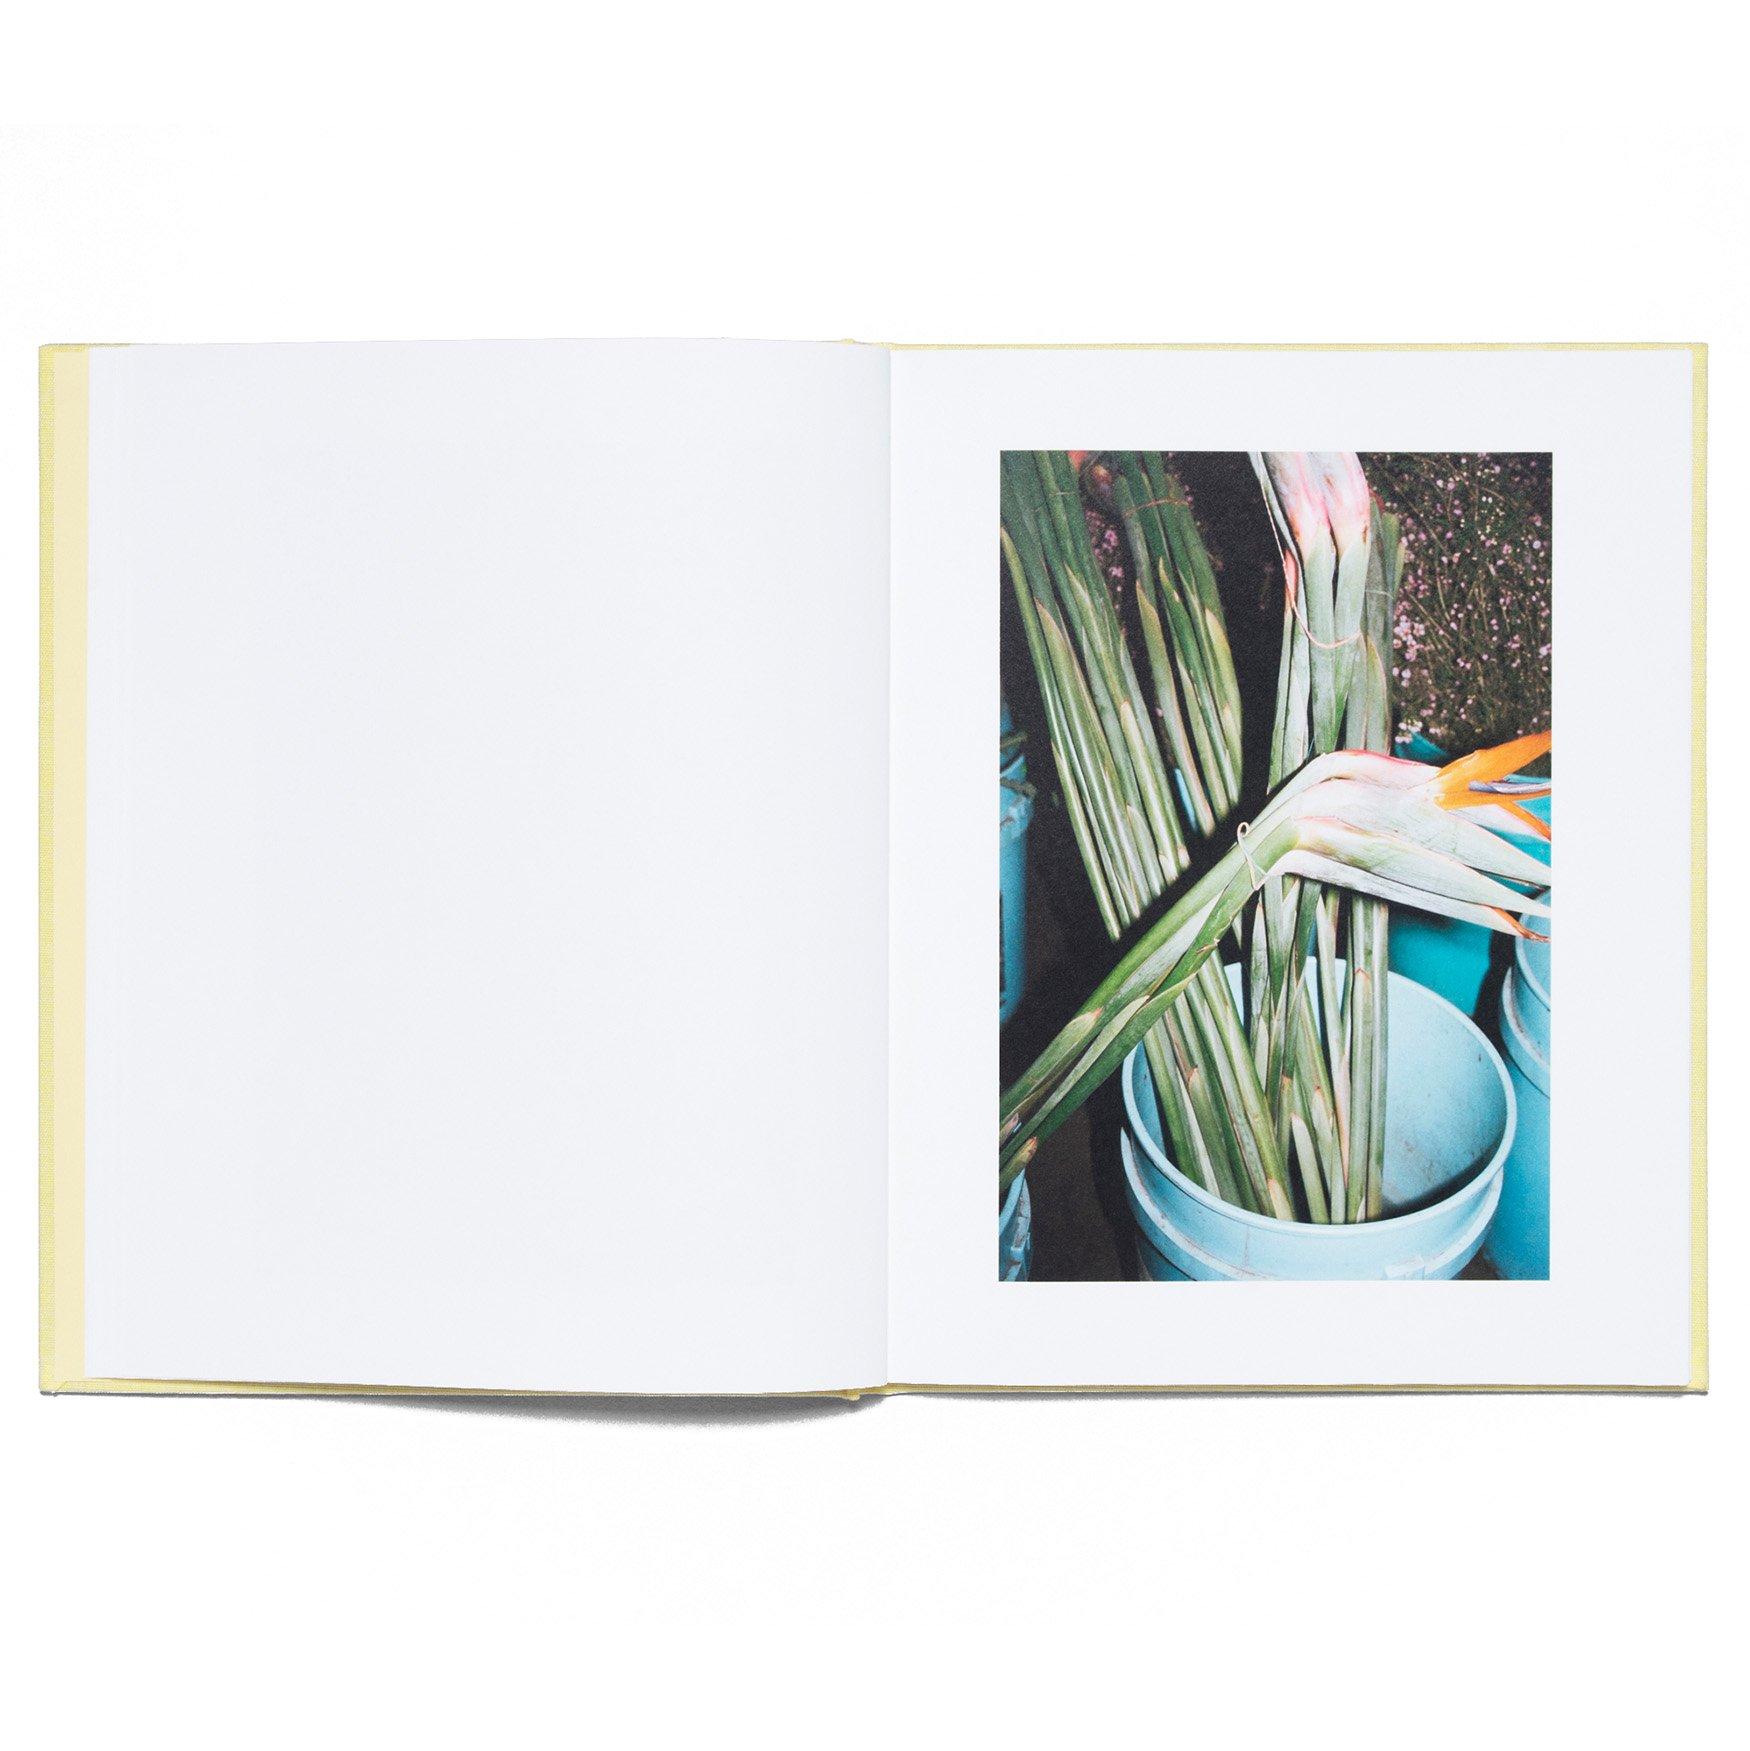 LA_Flower_Market_Book_Detail_6_1920x.jpg